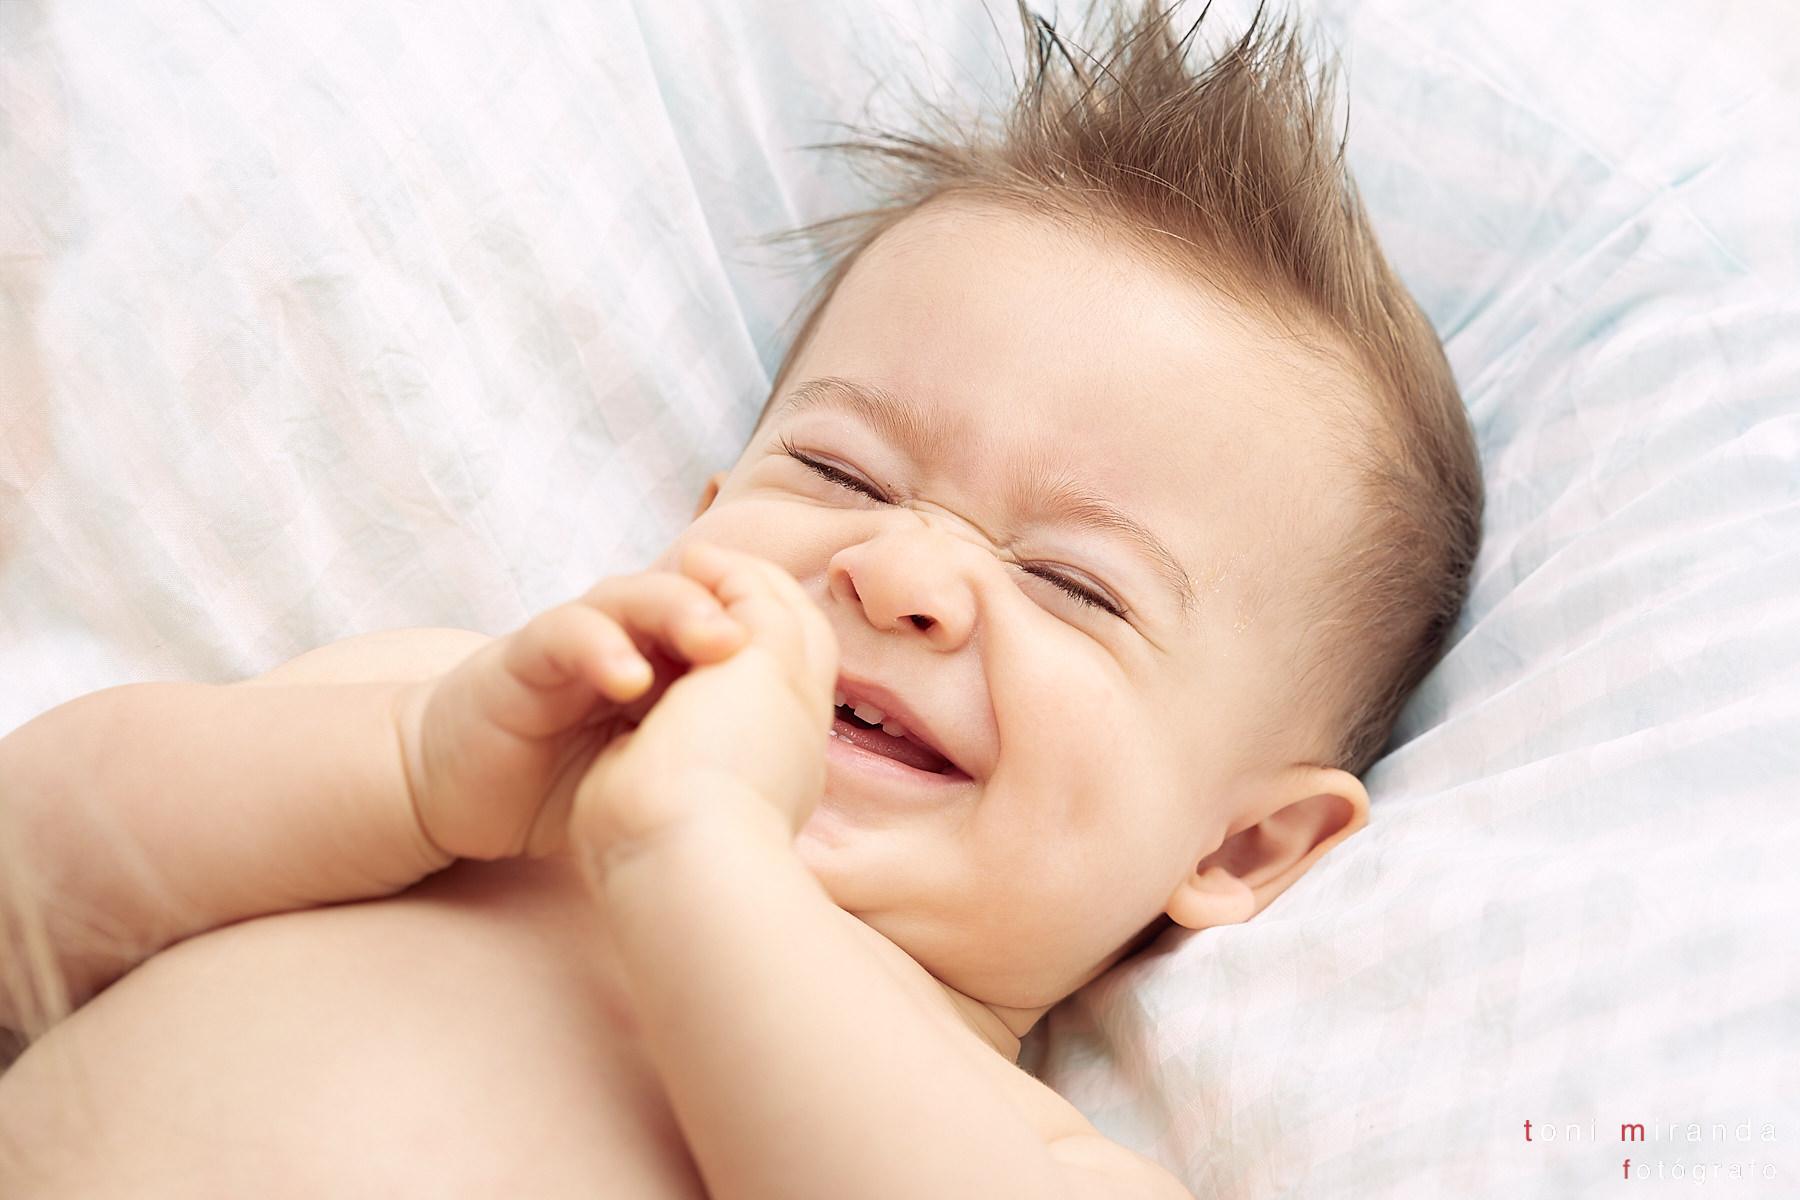 bebe alegre riendo